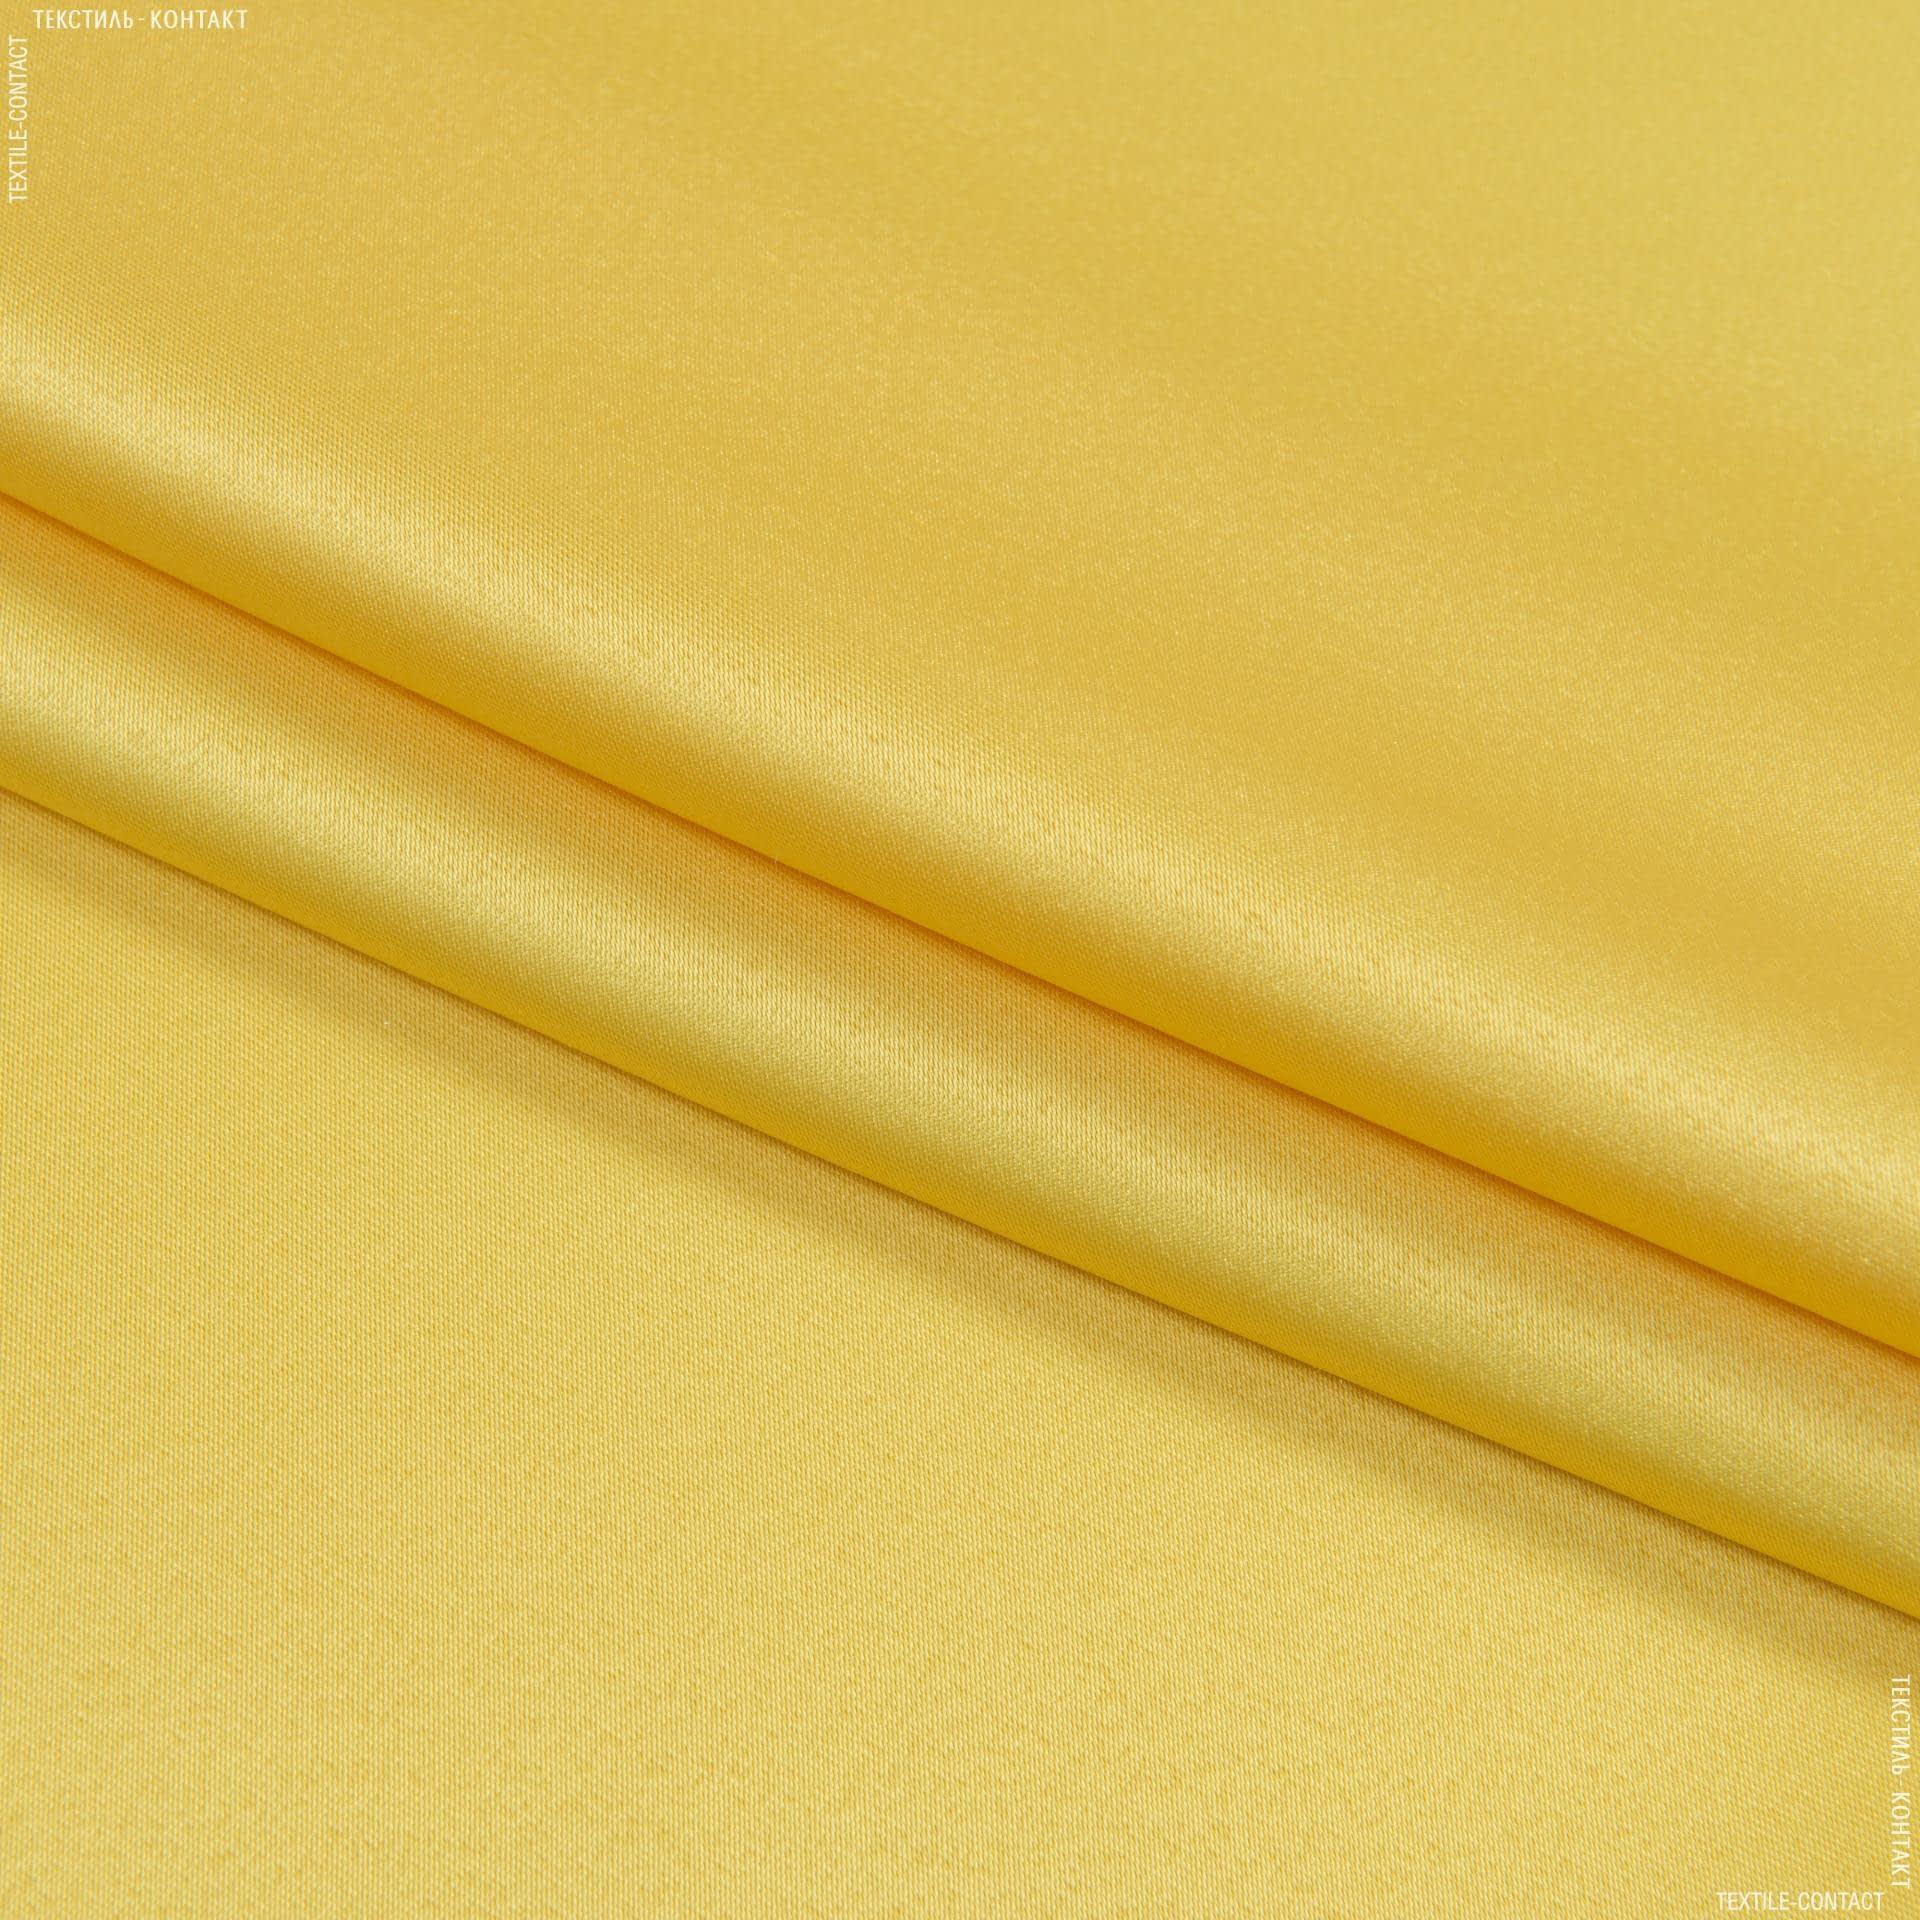 Тканини портьєрні тканини - Декоративний атлас Дека / DECA жовтий